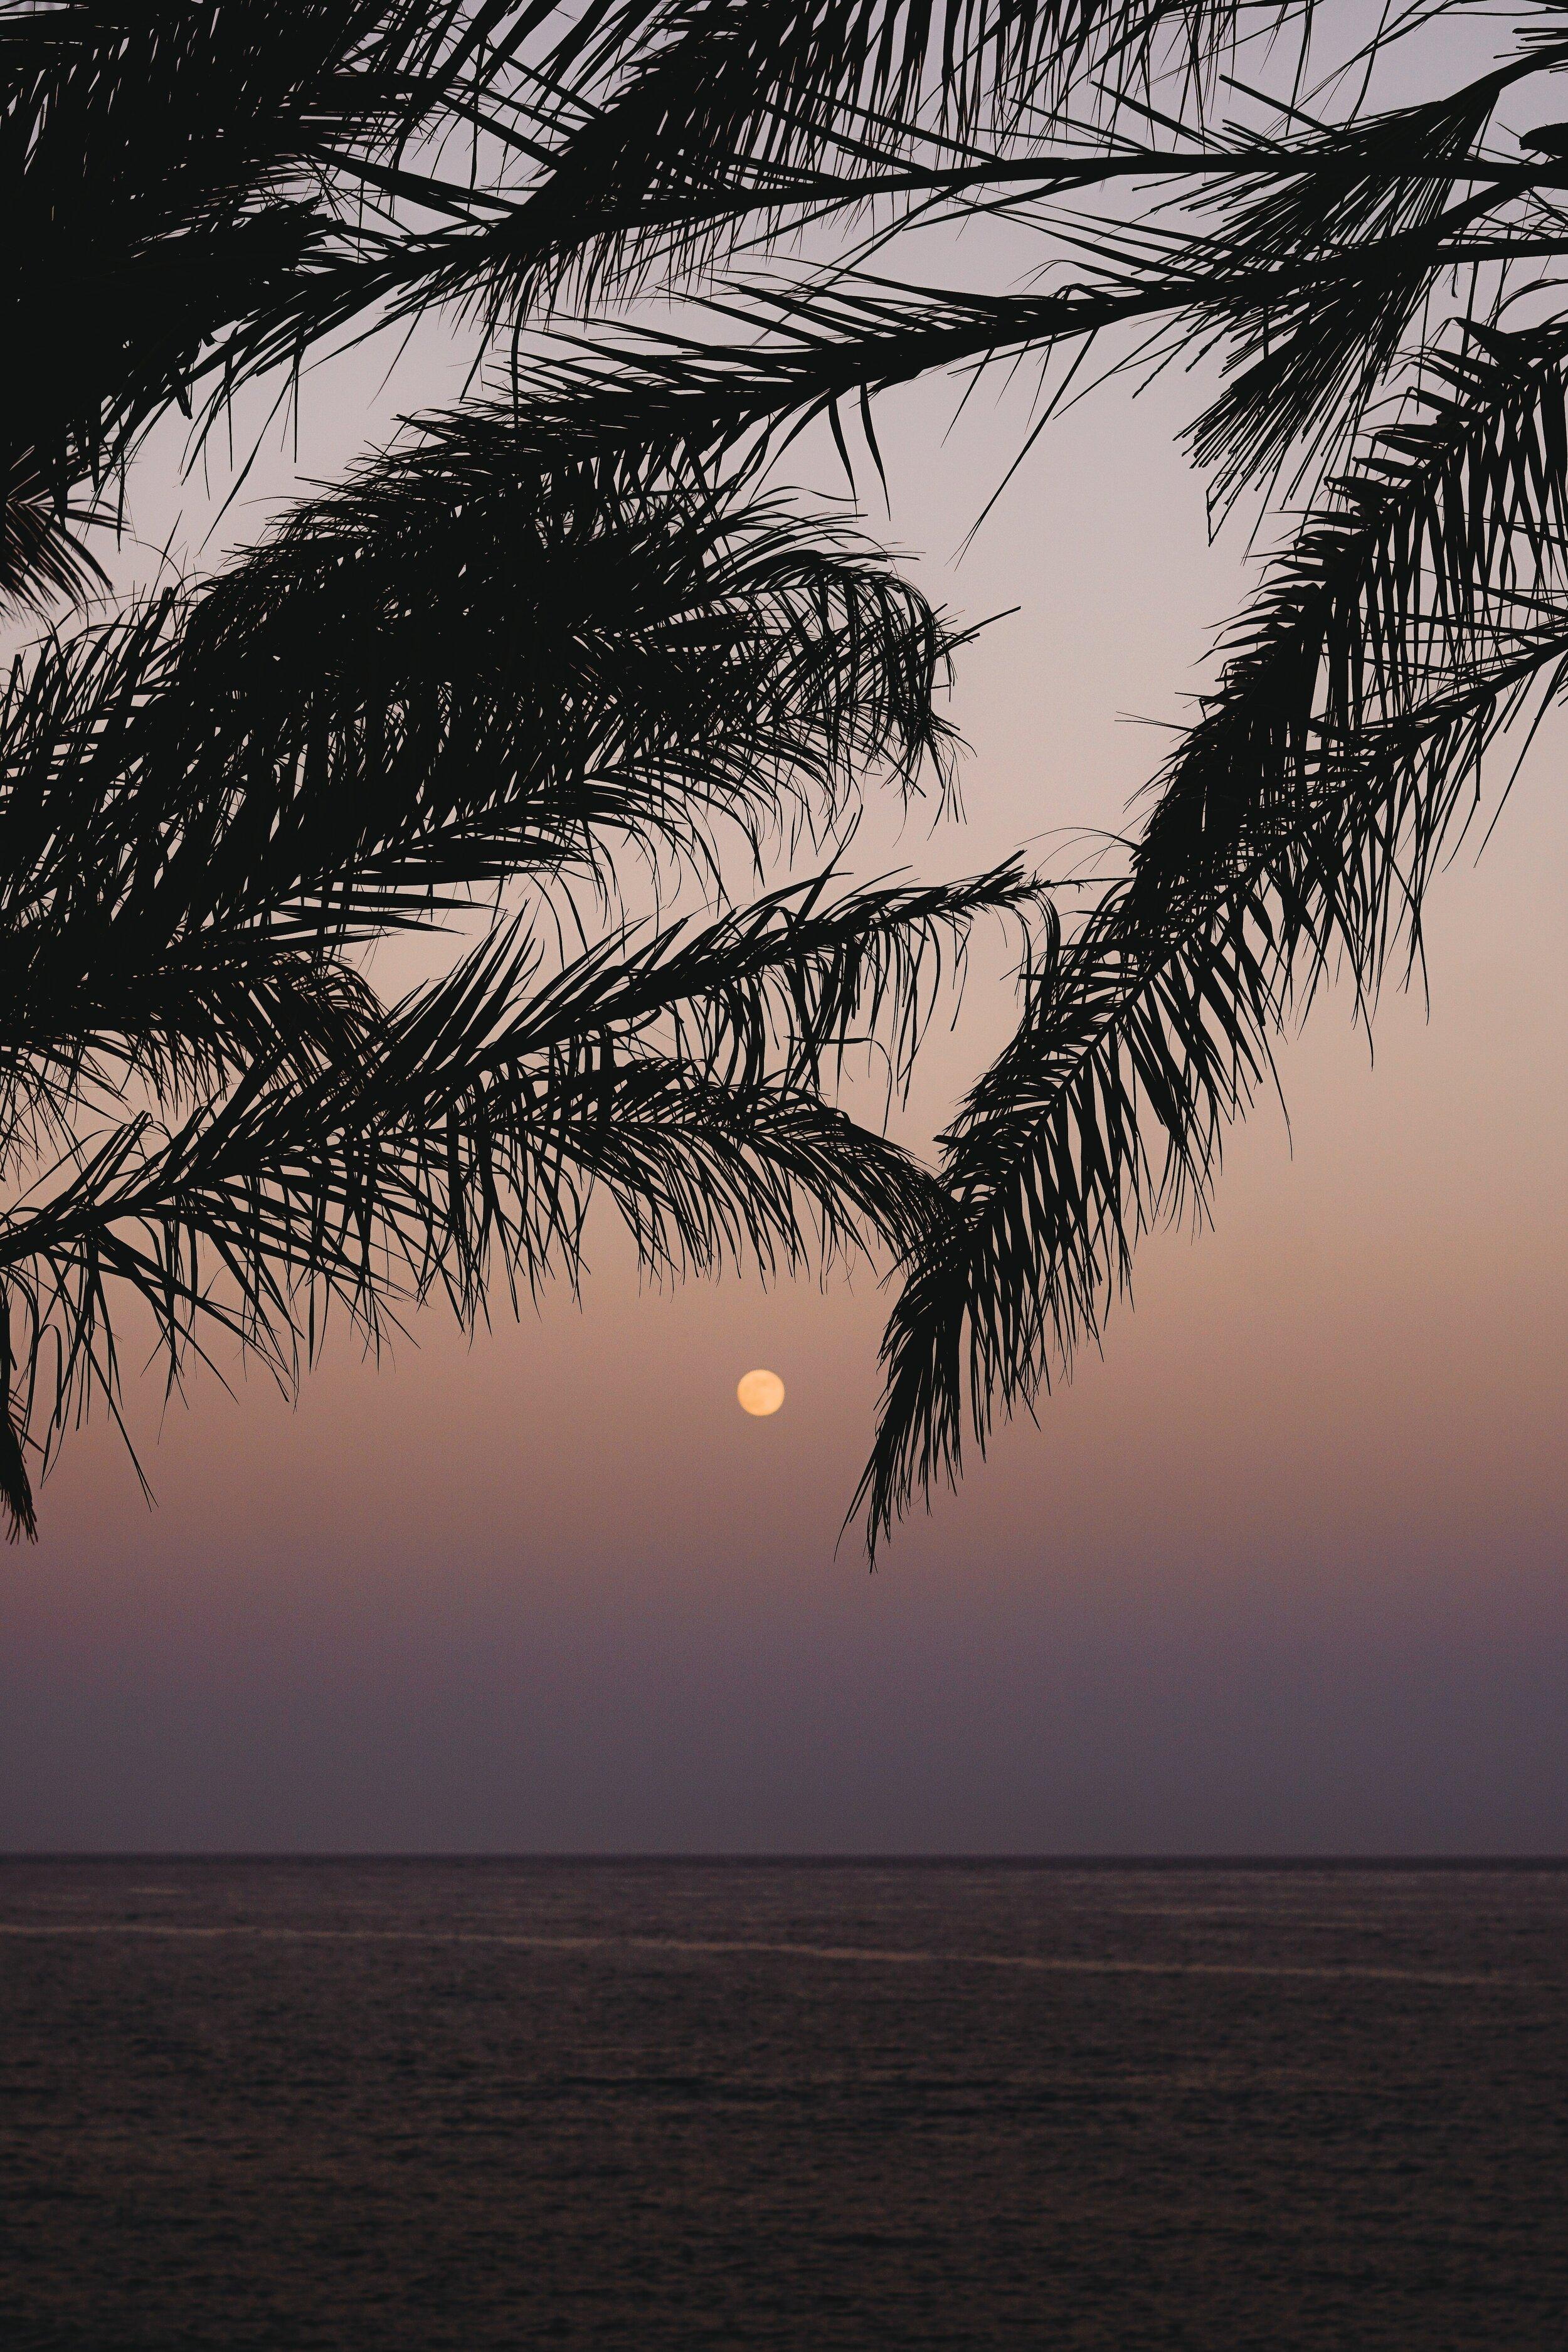 beach-clouds-full-moon-1253720.jpg